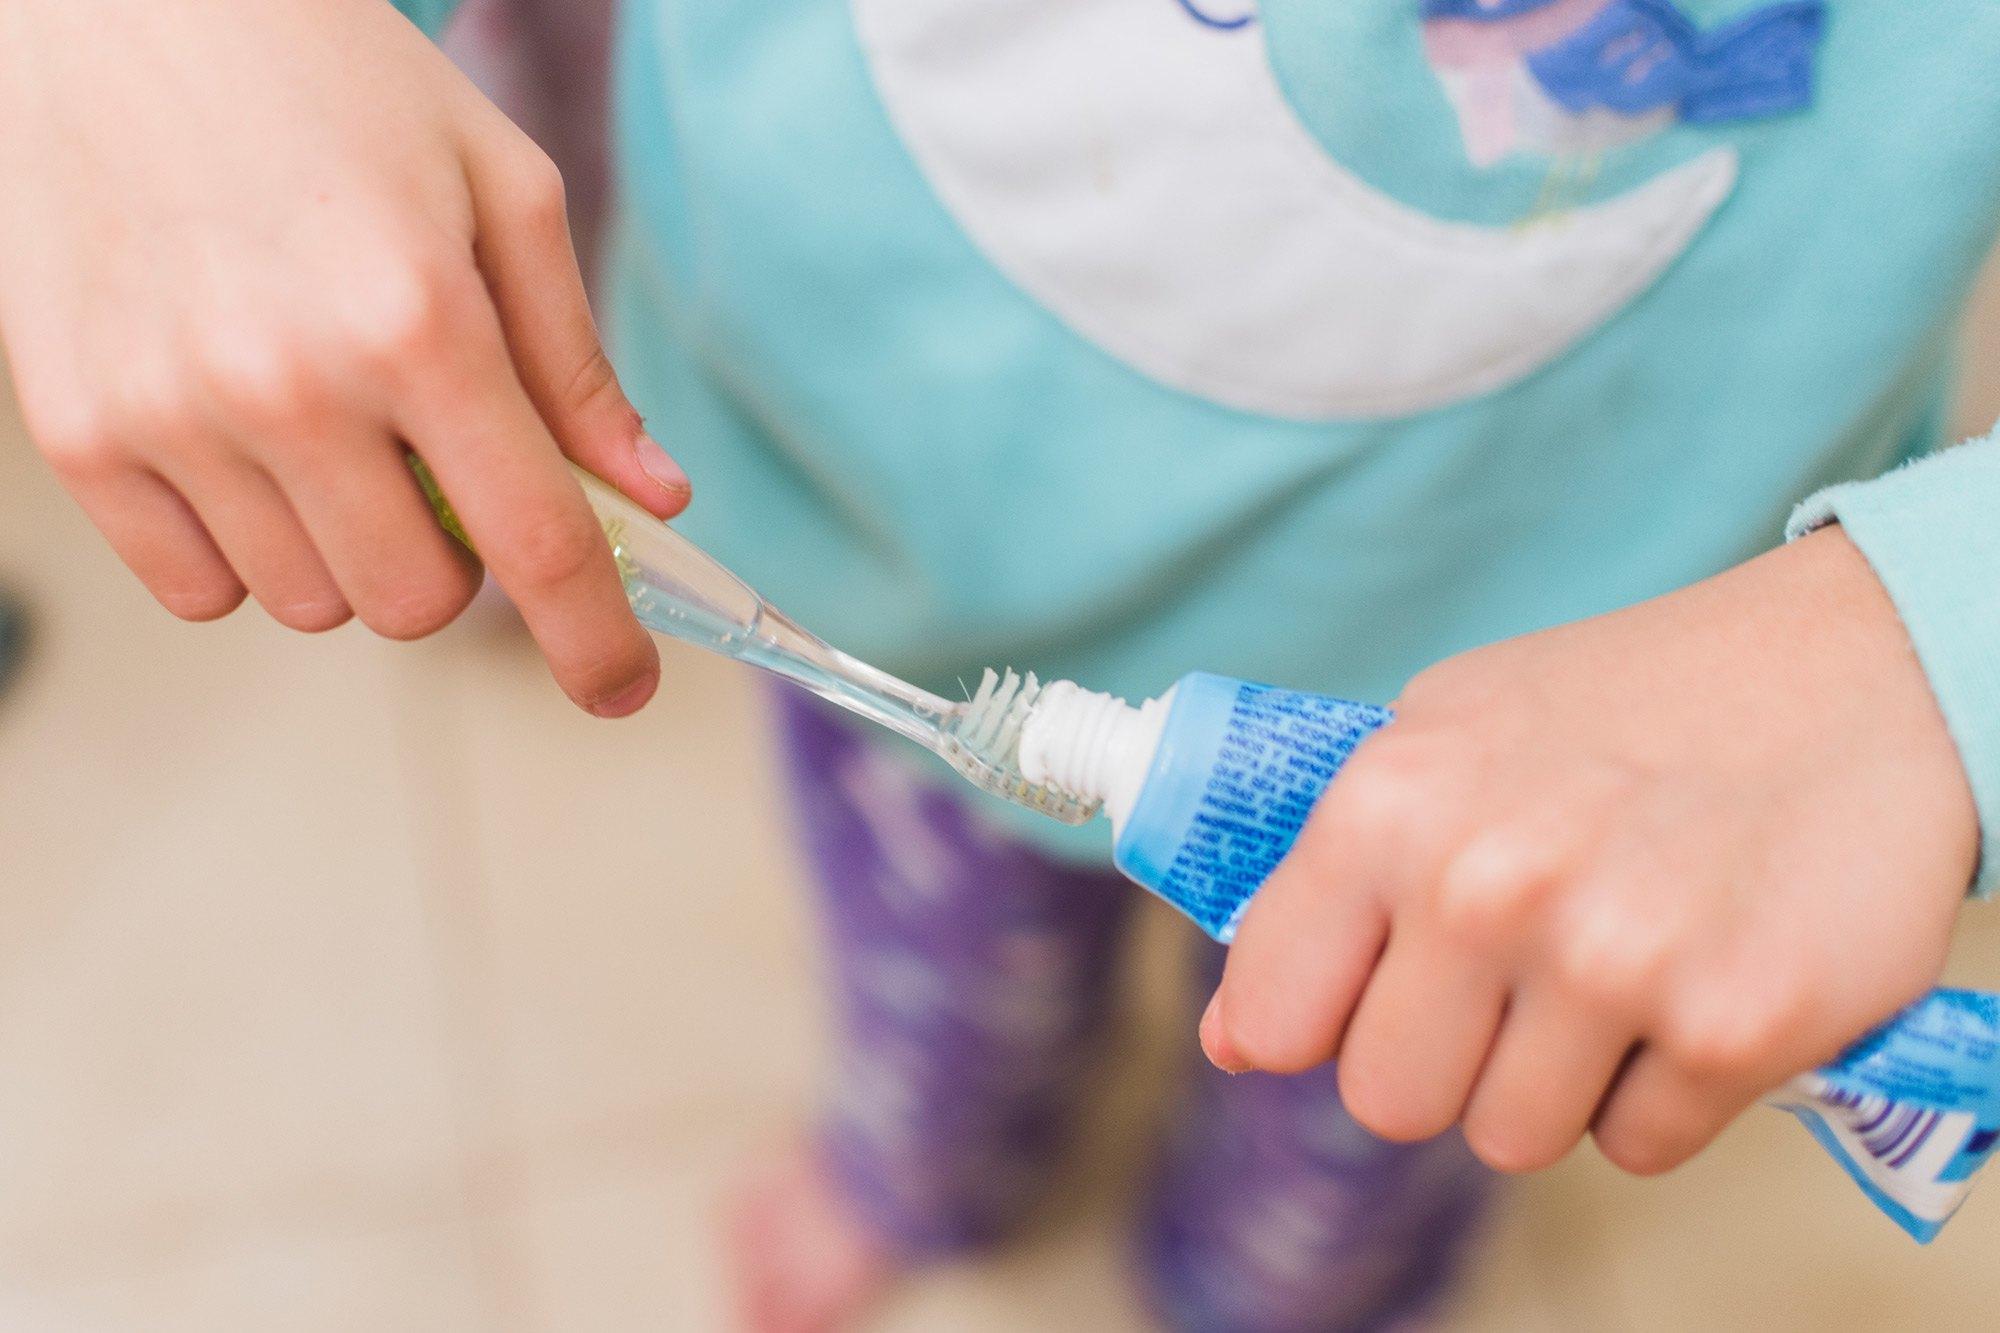 Cómo enseñar higiene bucal en la infancia - Acosta Cubero